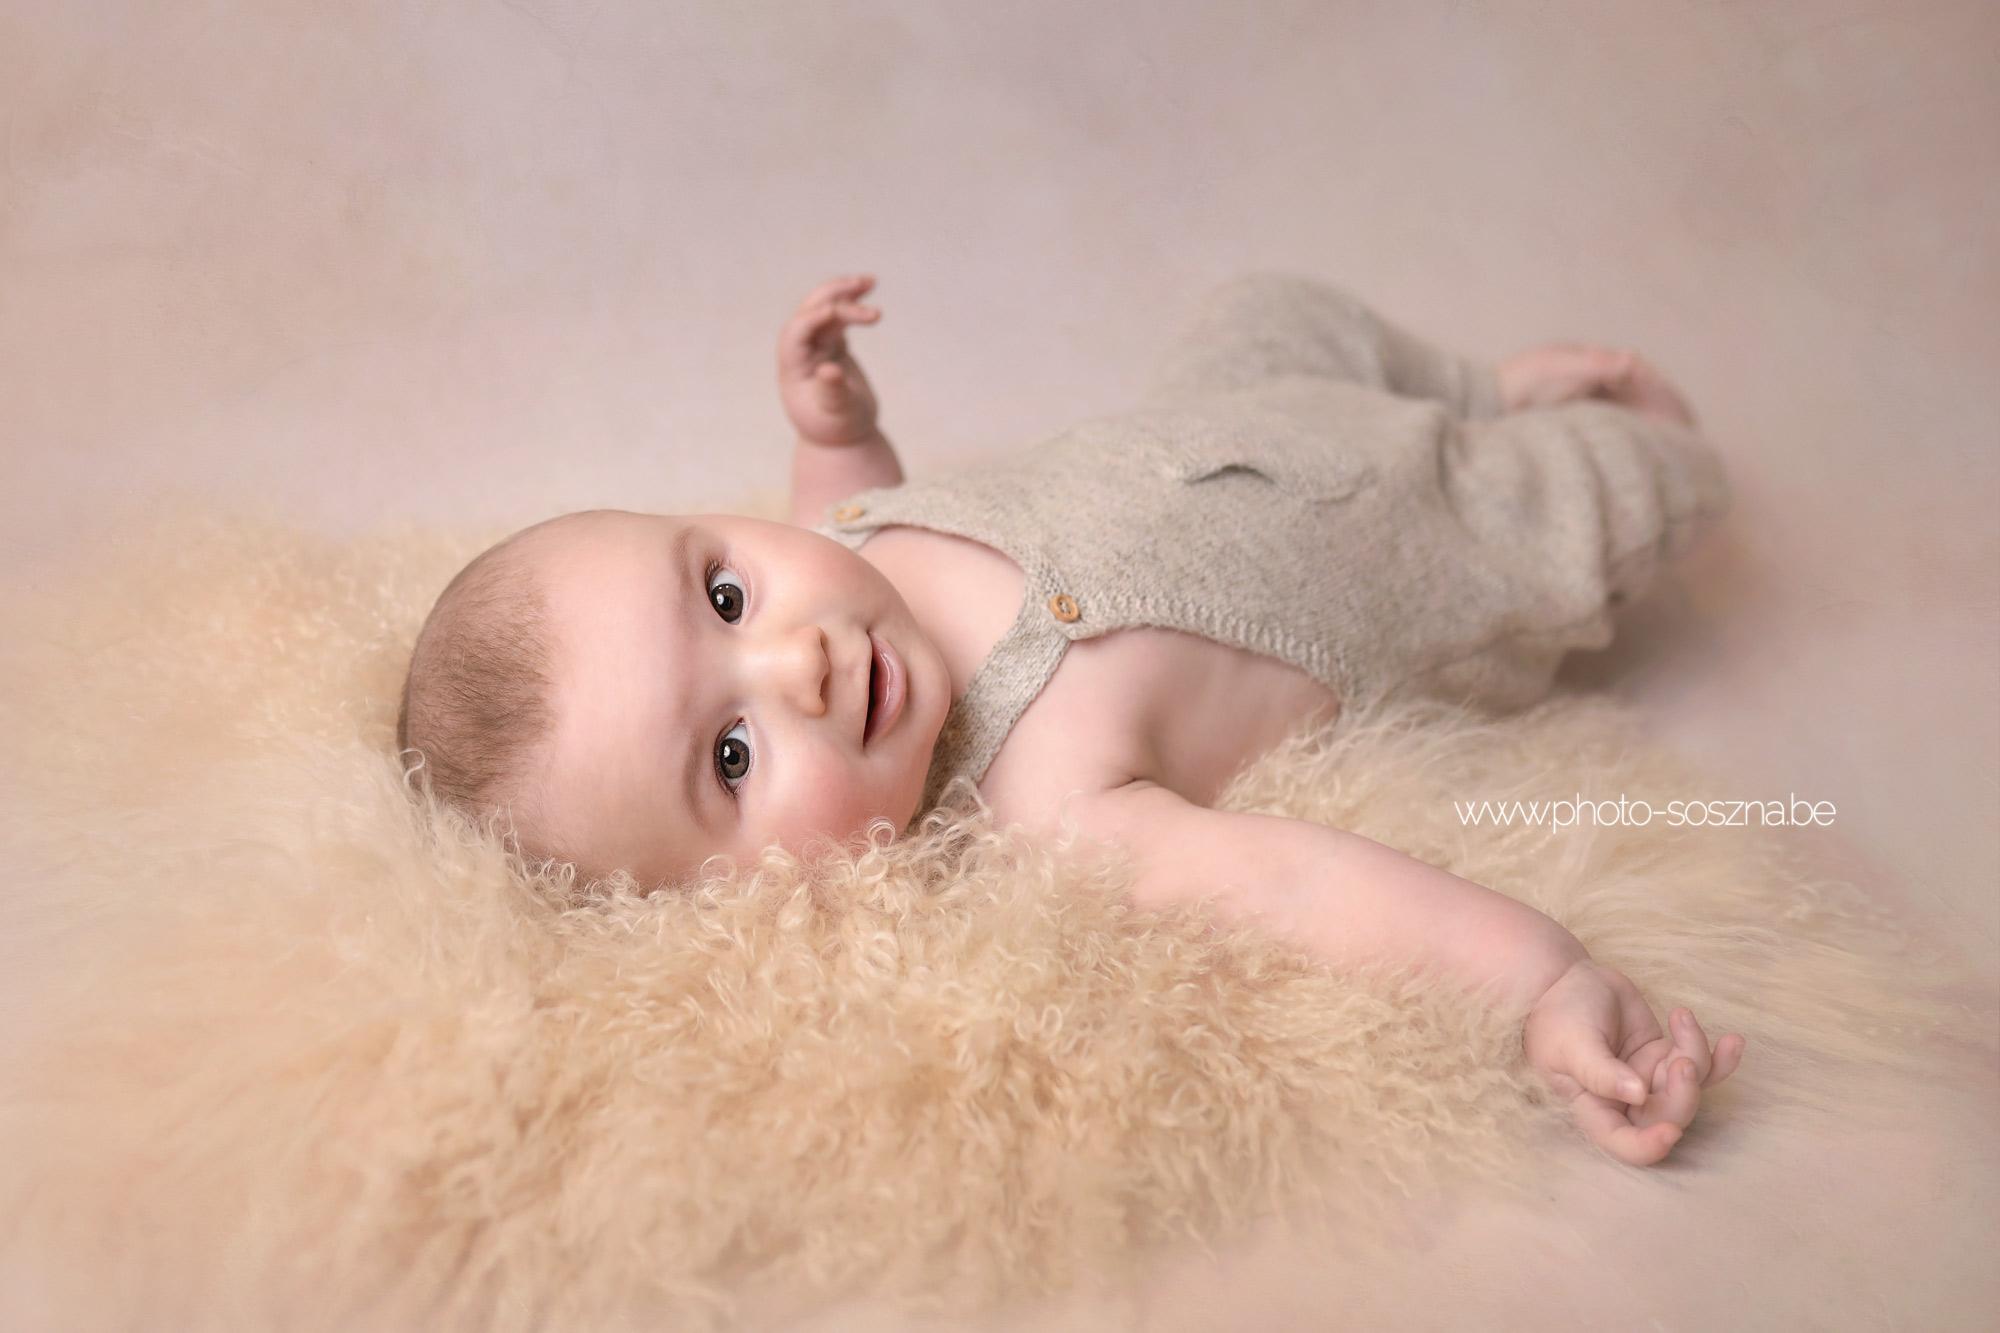 séance photo bébé 6 mois studio Belgique